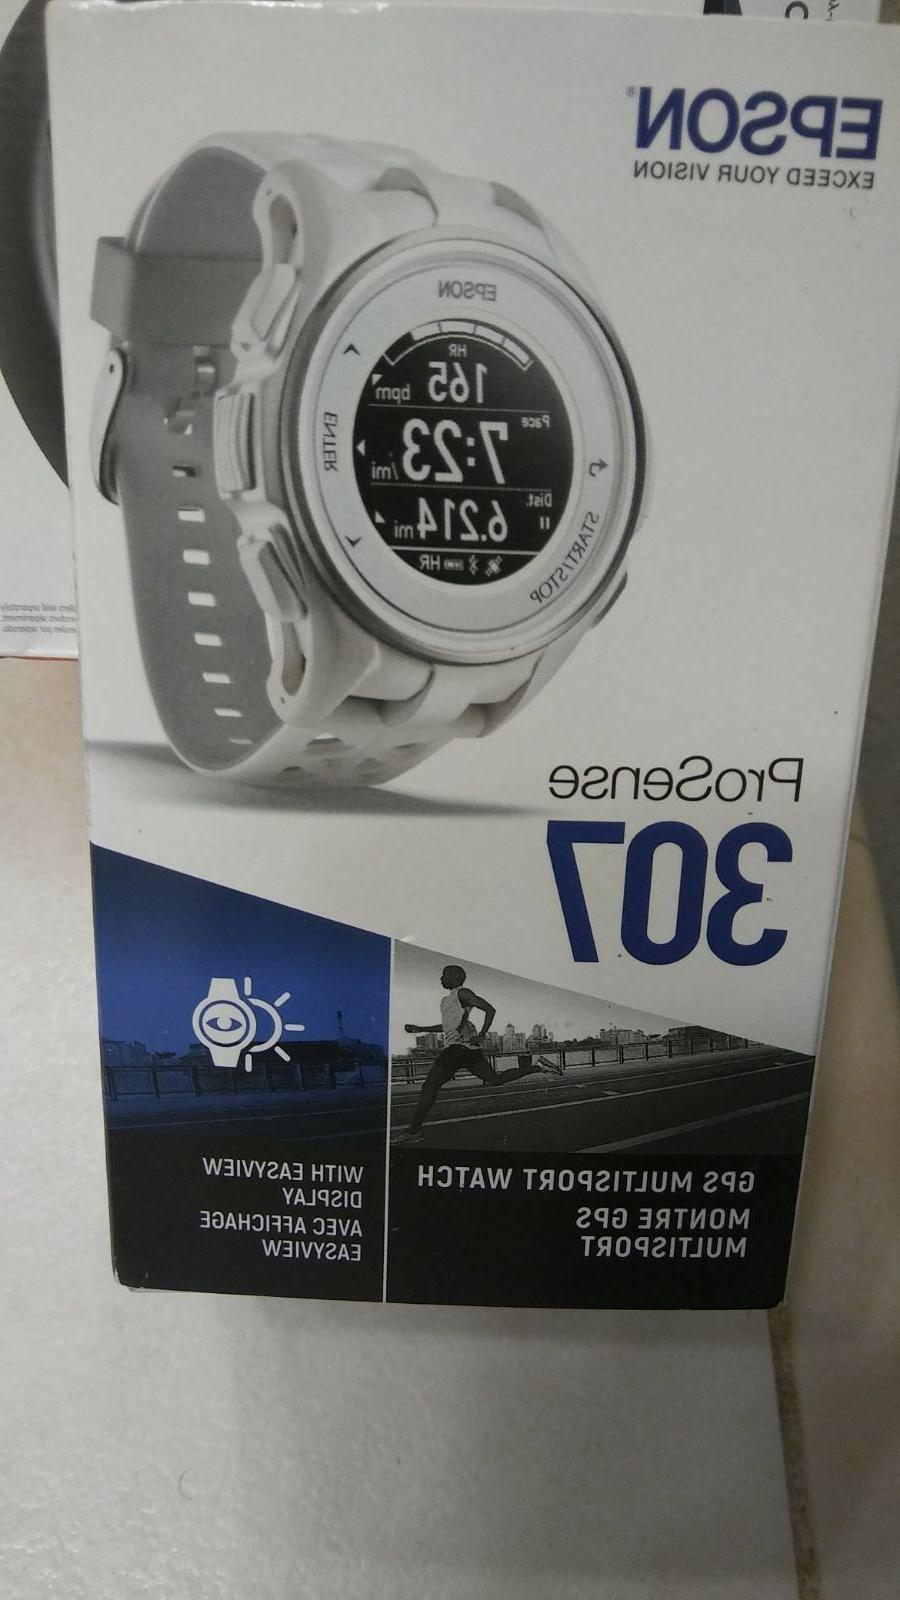 prosense 307 gps multisport watch w easyview